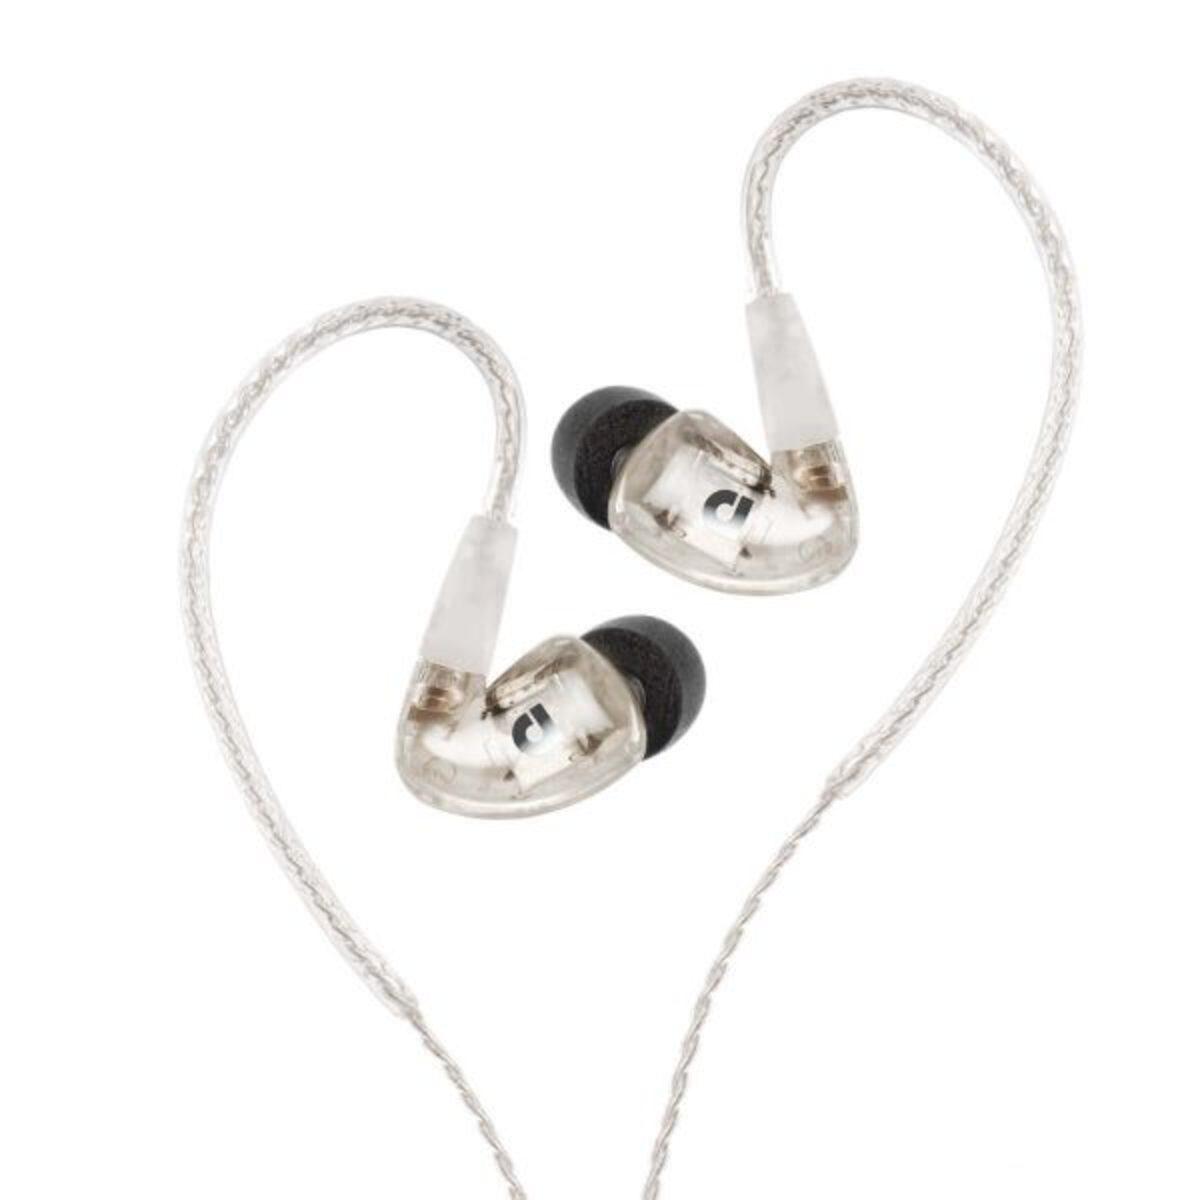 AF1120 MK2 監聽級入耳式耳機 - 透明【香港行貨】